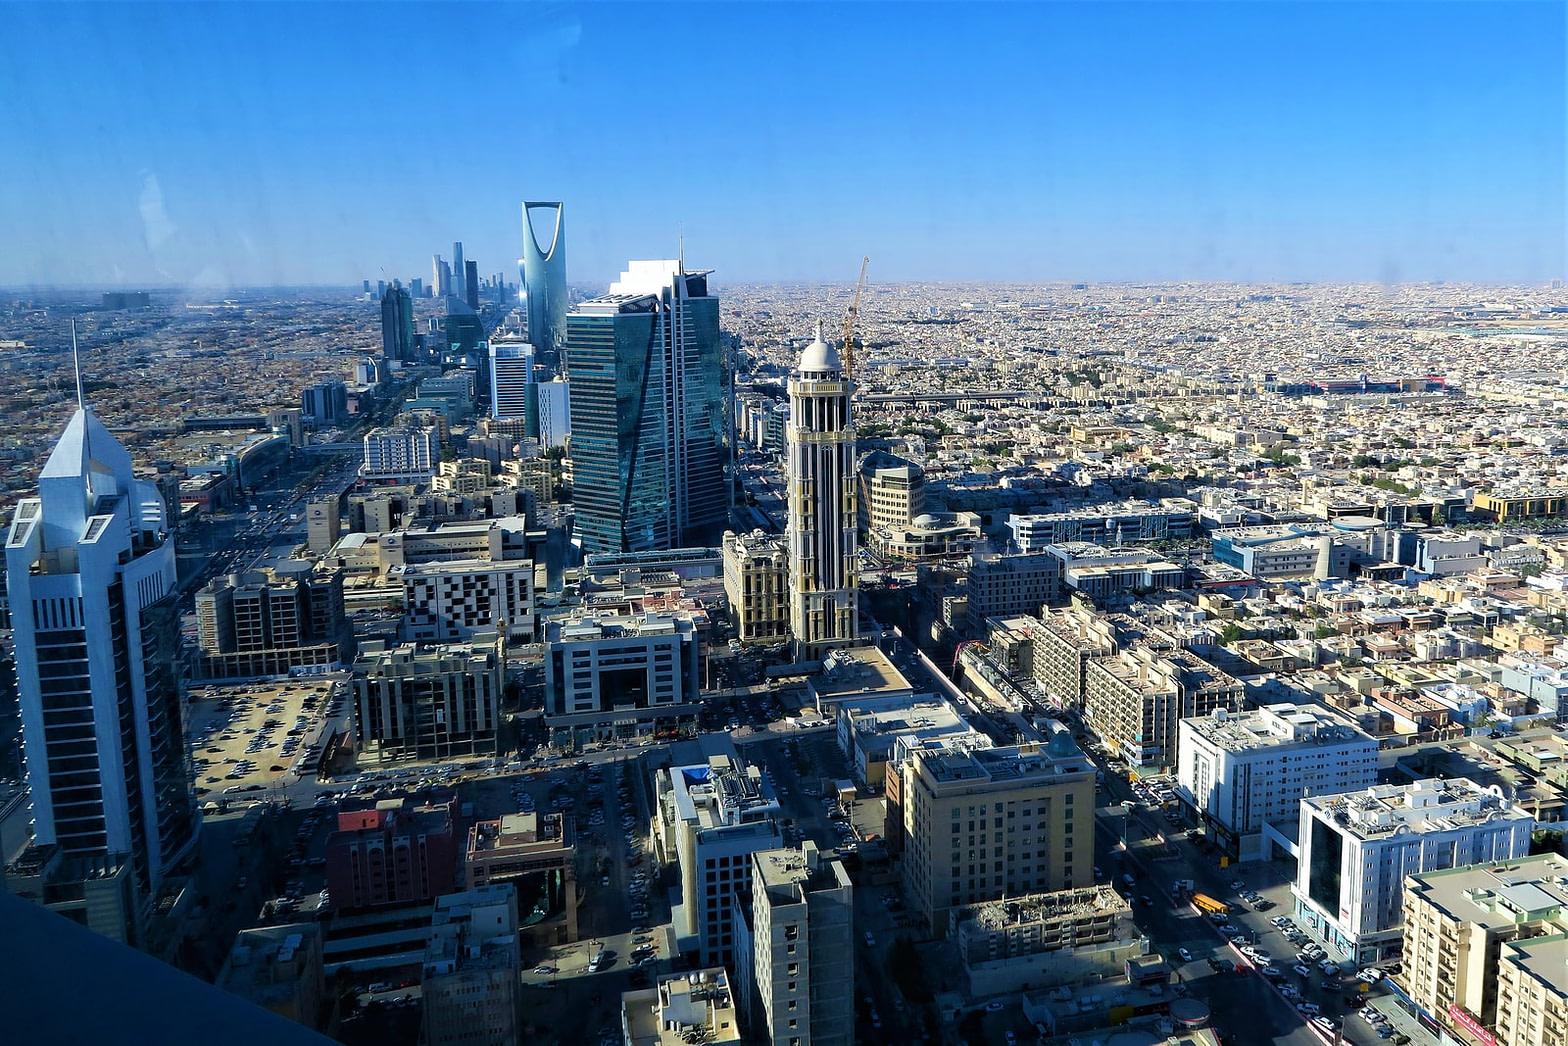 الرياض-RUH-RIYADH